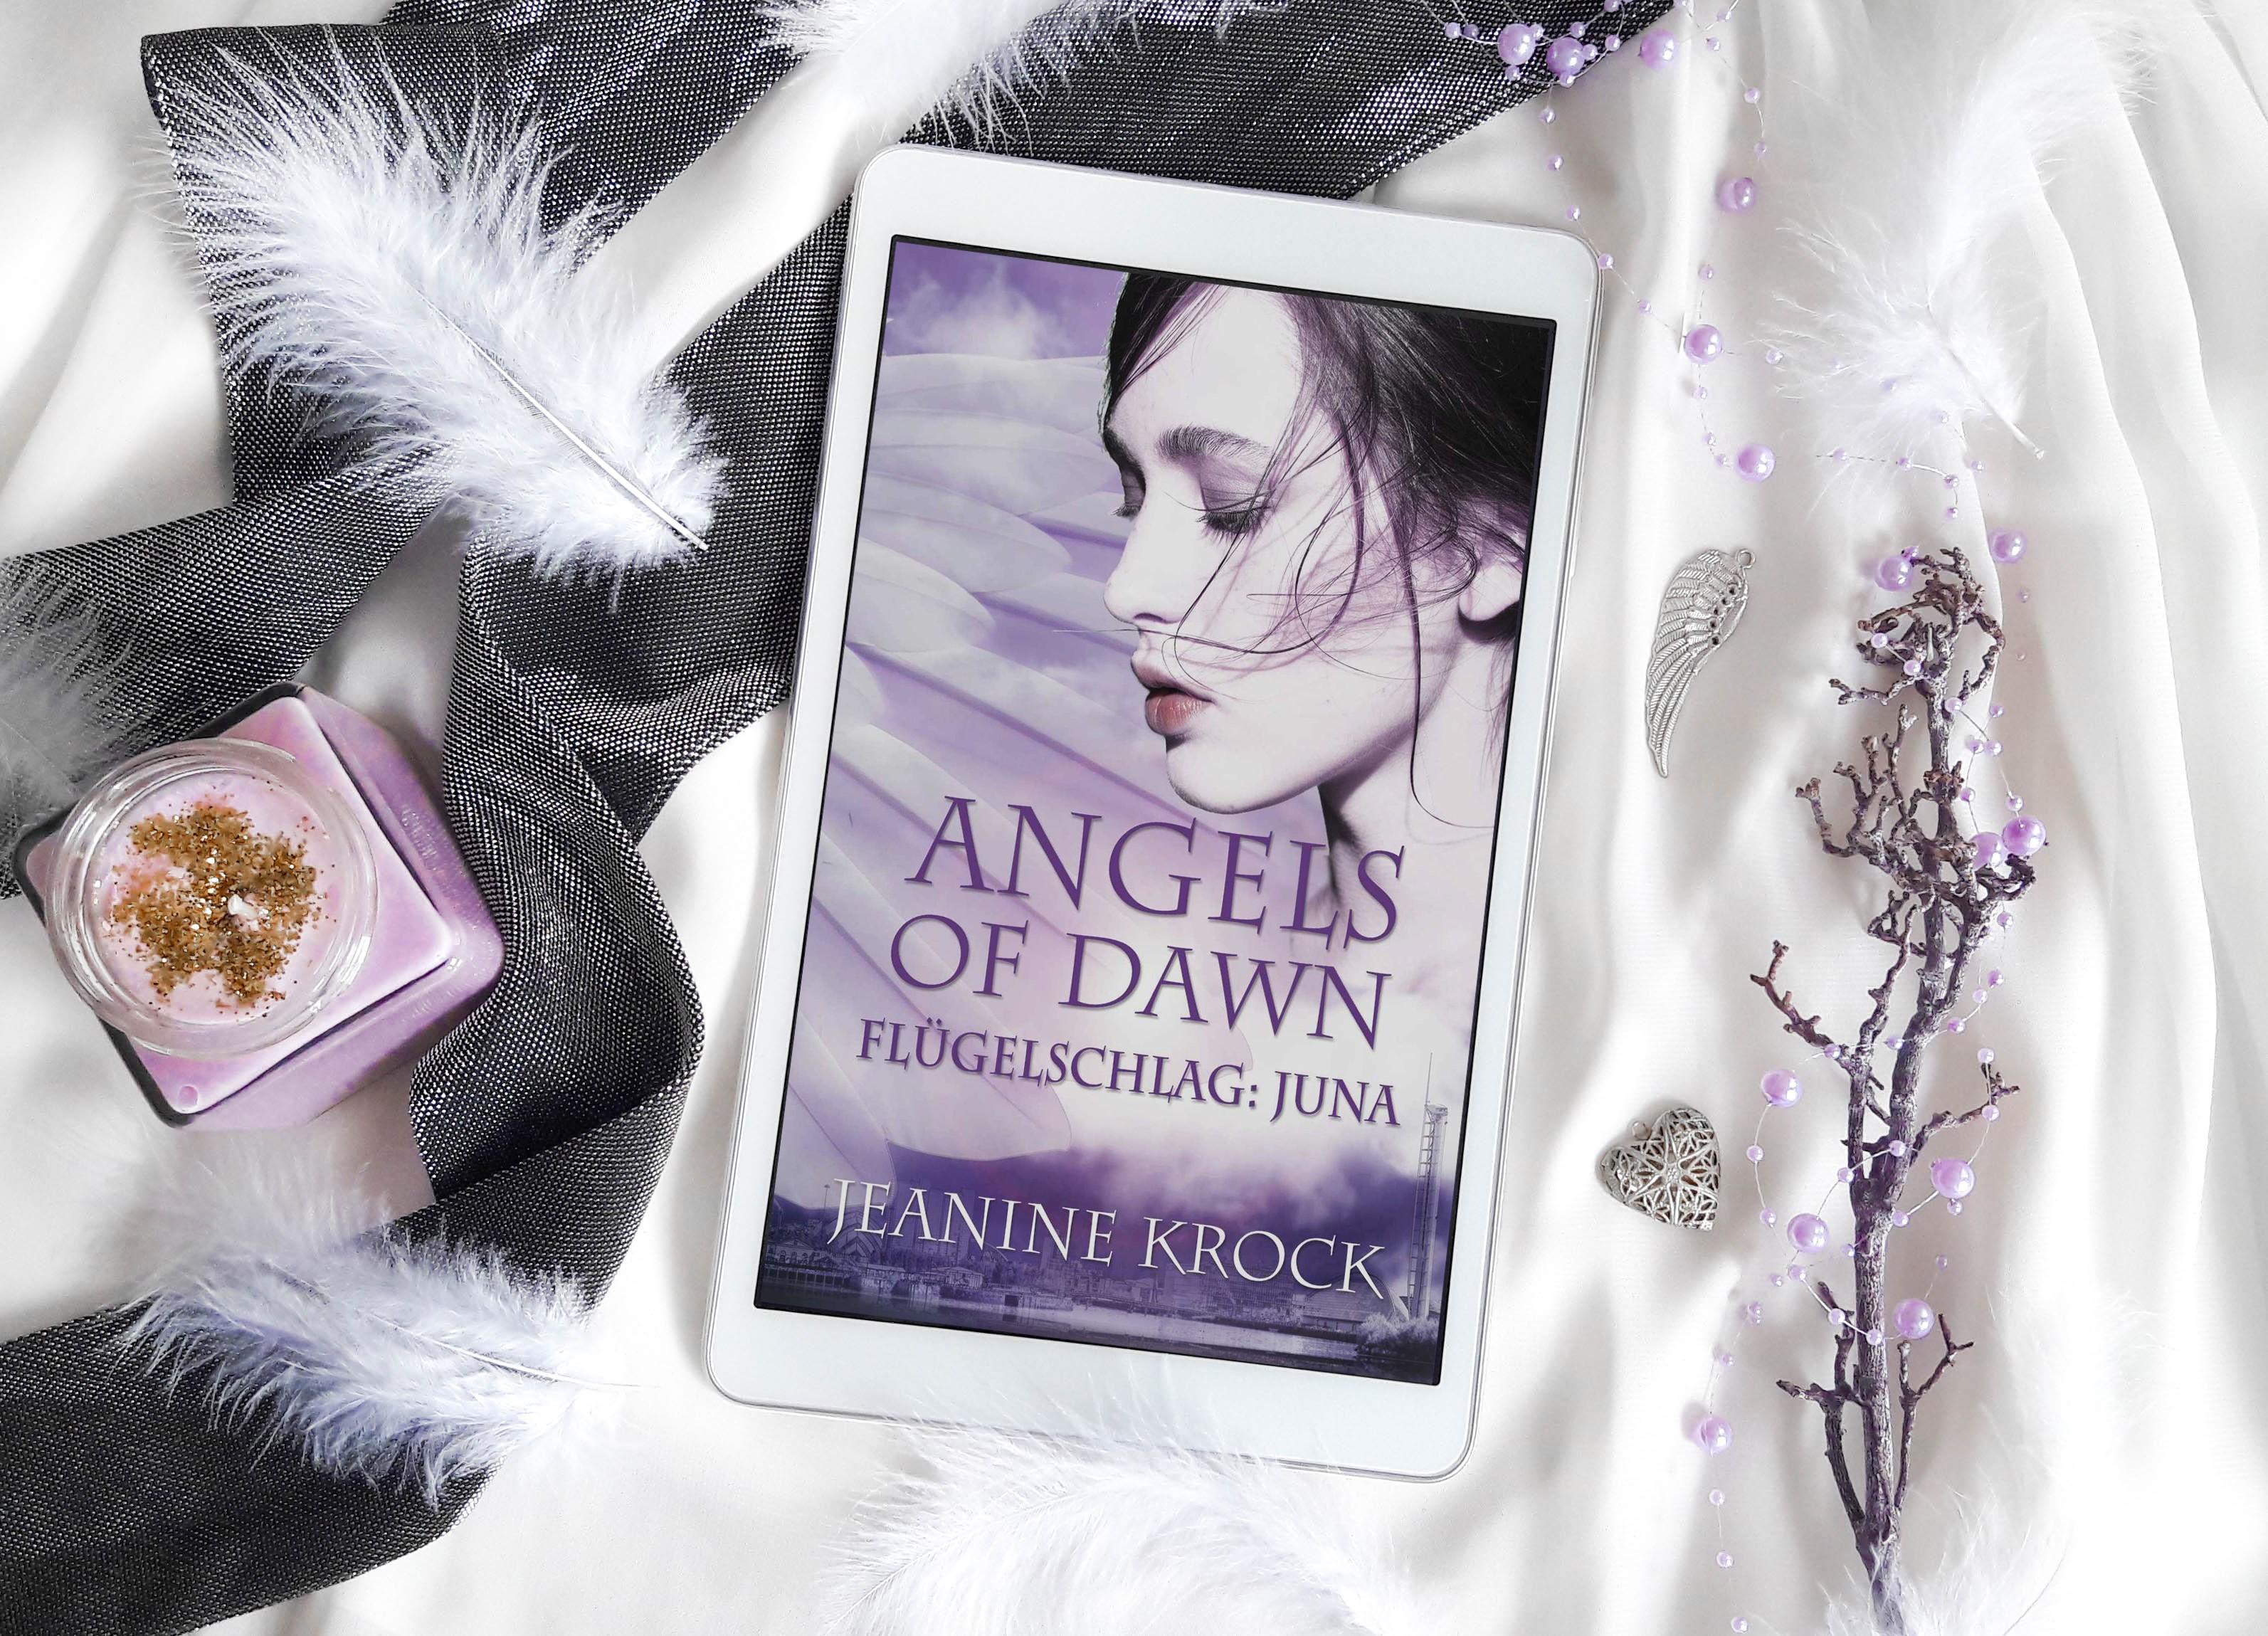 Angels of Dawn – Flügelschlag: Juna – Jeanine Krock